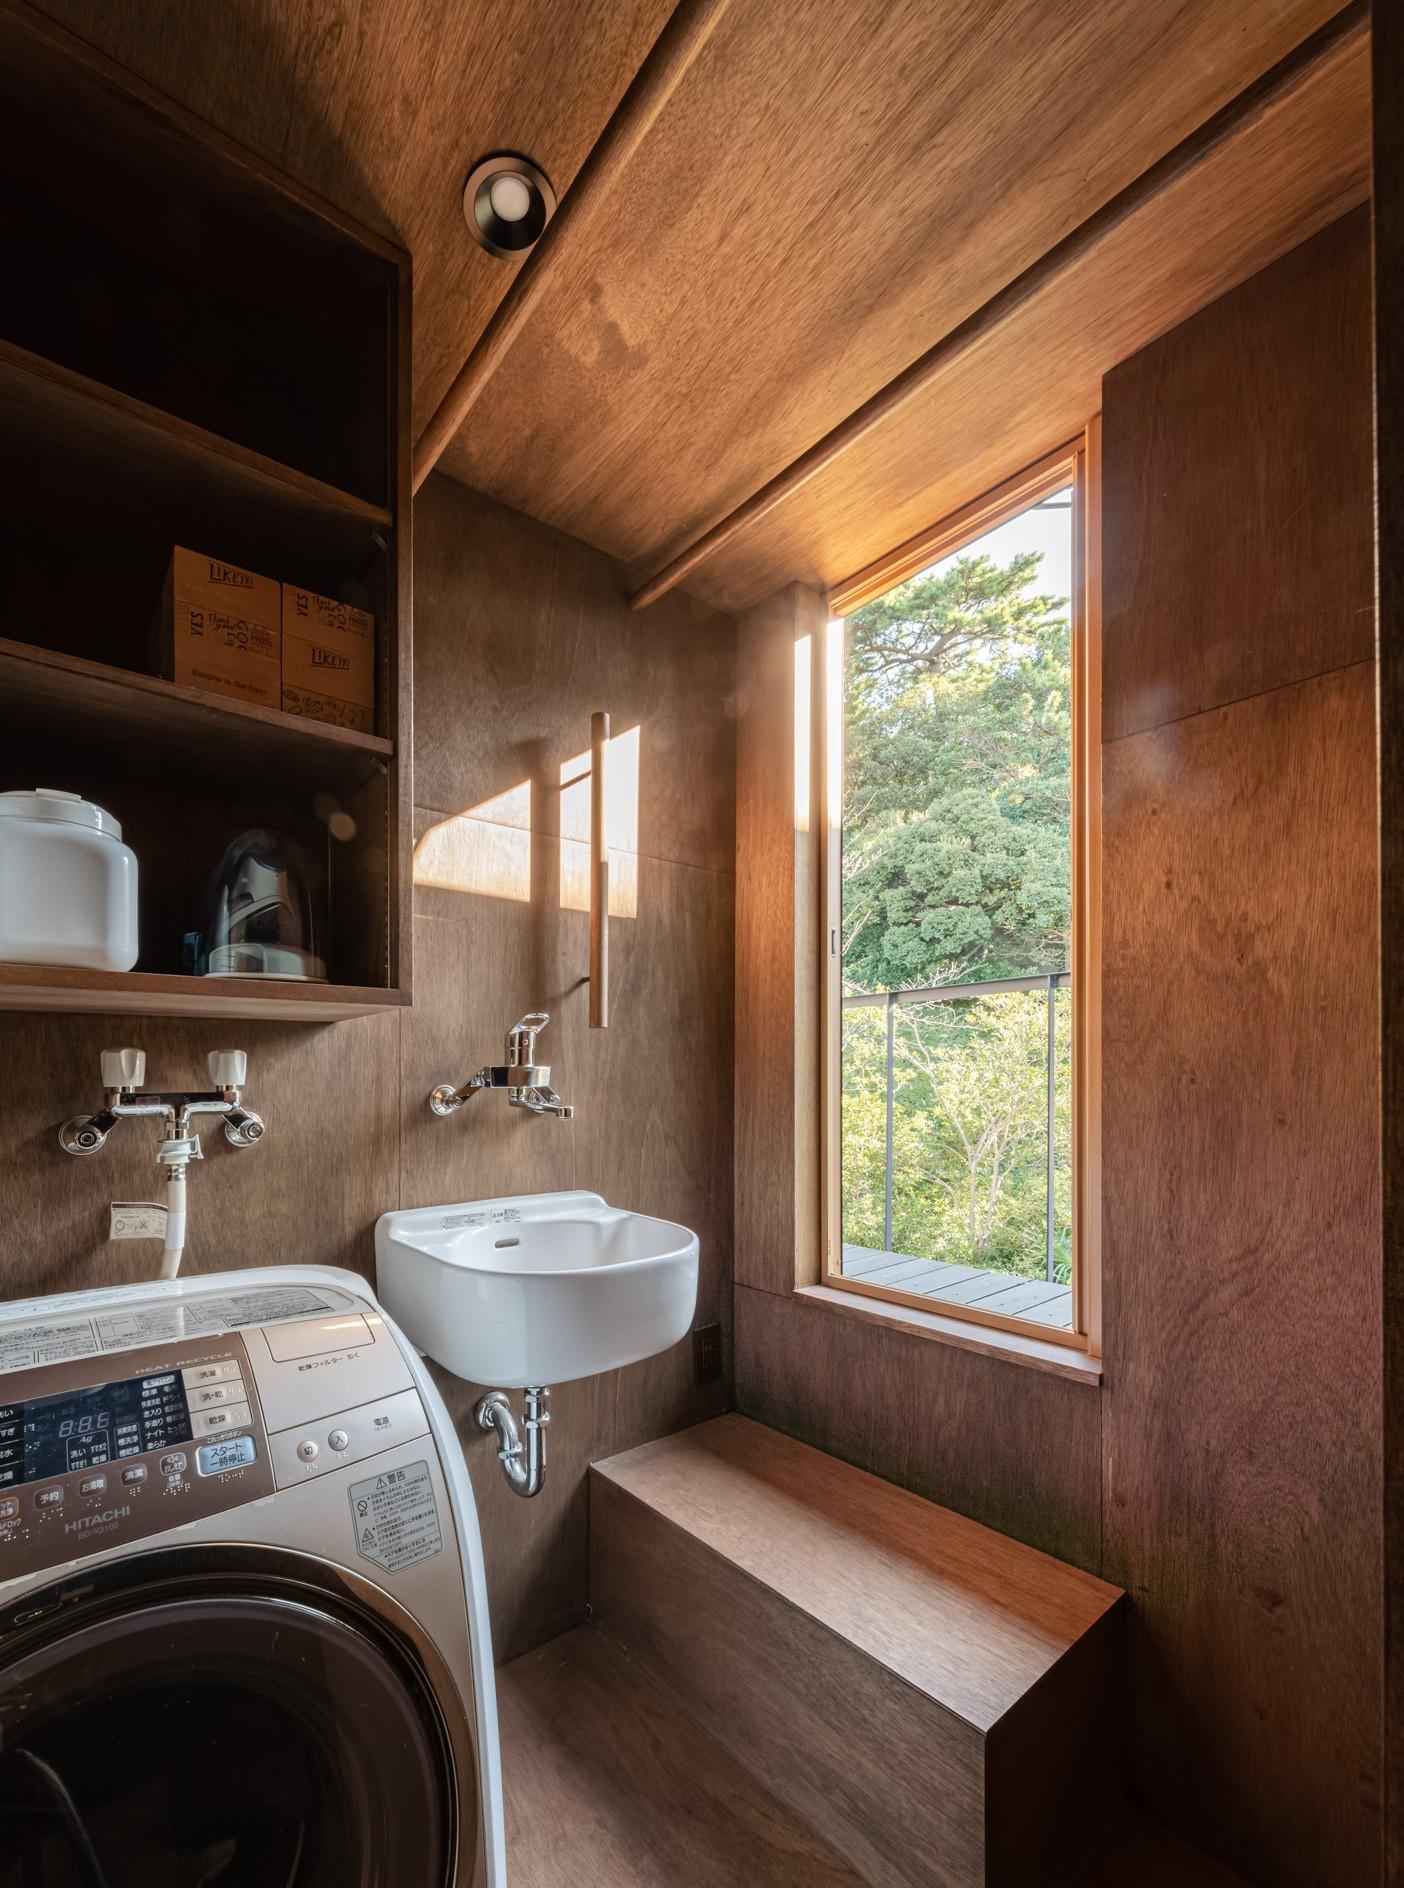 その他事例:2階のユーティリティ・物干しテラスと公園の緑(『青海の家』 風景と住む。~伊勢湾を臨む~)